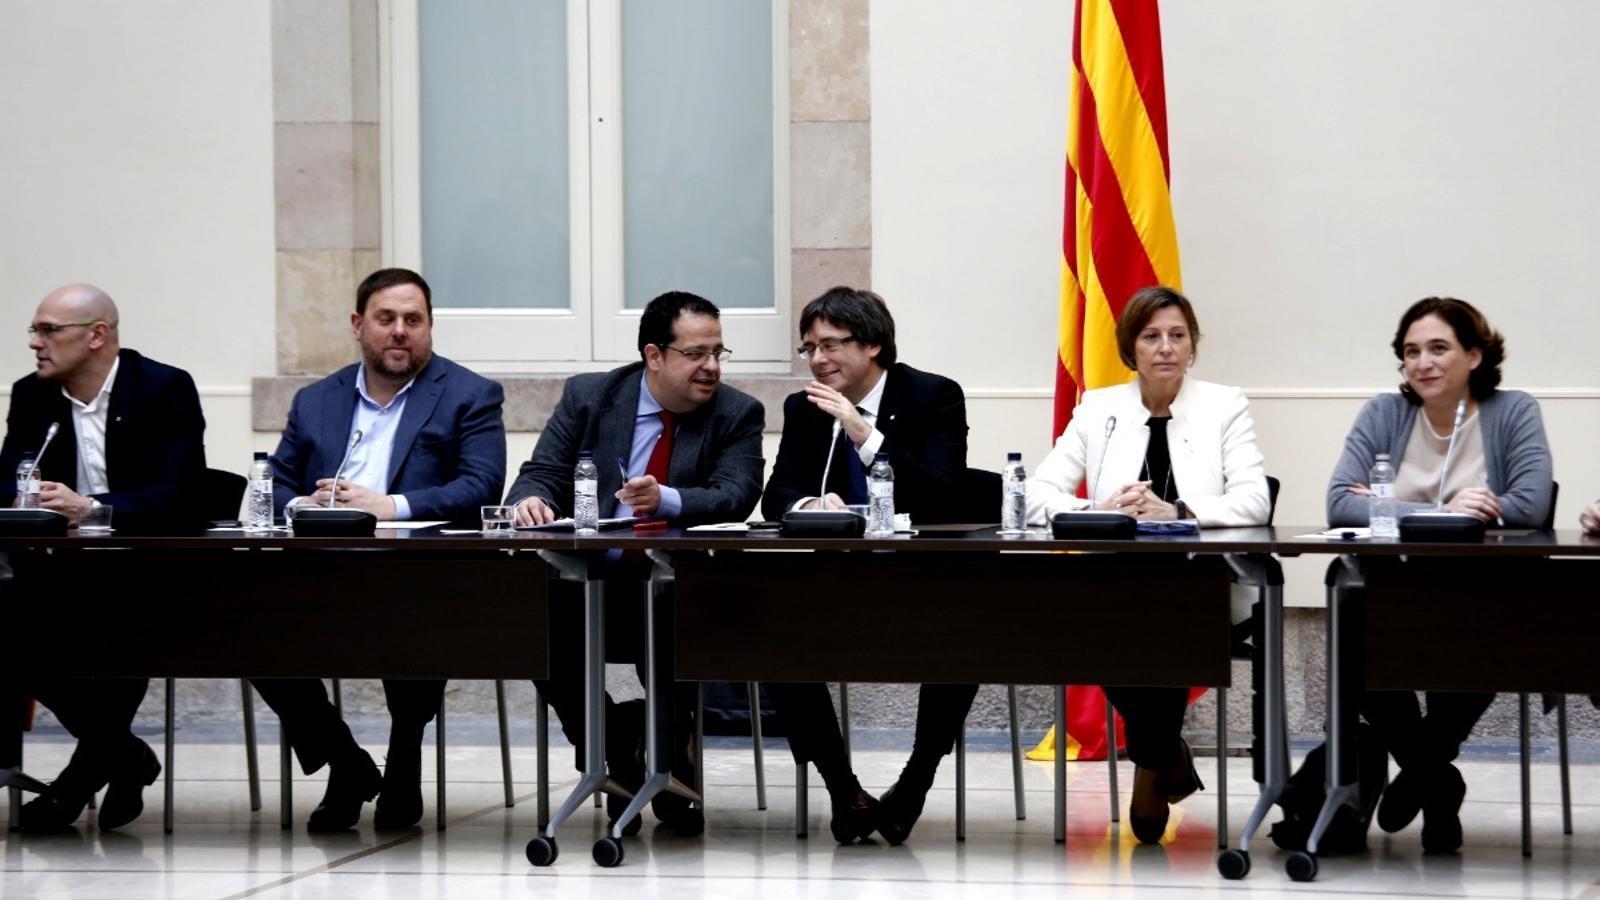 El president de la Generalitat, Carles Puigdemont, acompanyat del coordinador del Pacte Nacional pel Referèndum, Joan Ignasi Elena / FRANCESC MELCION